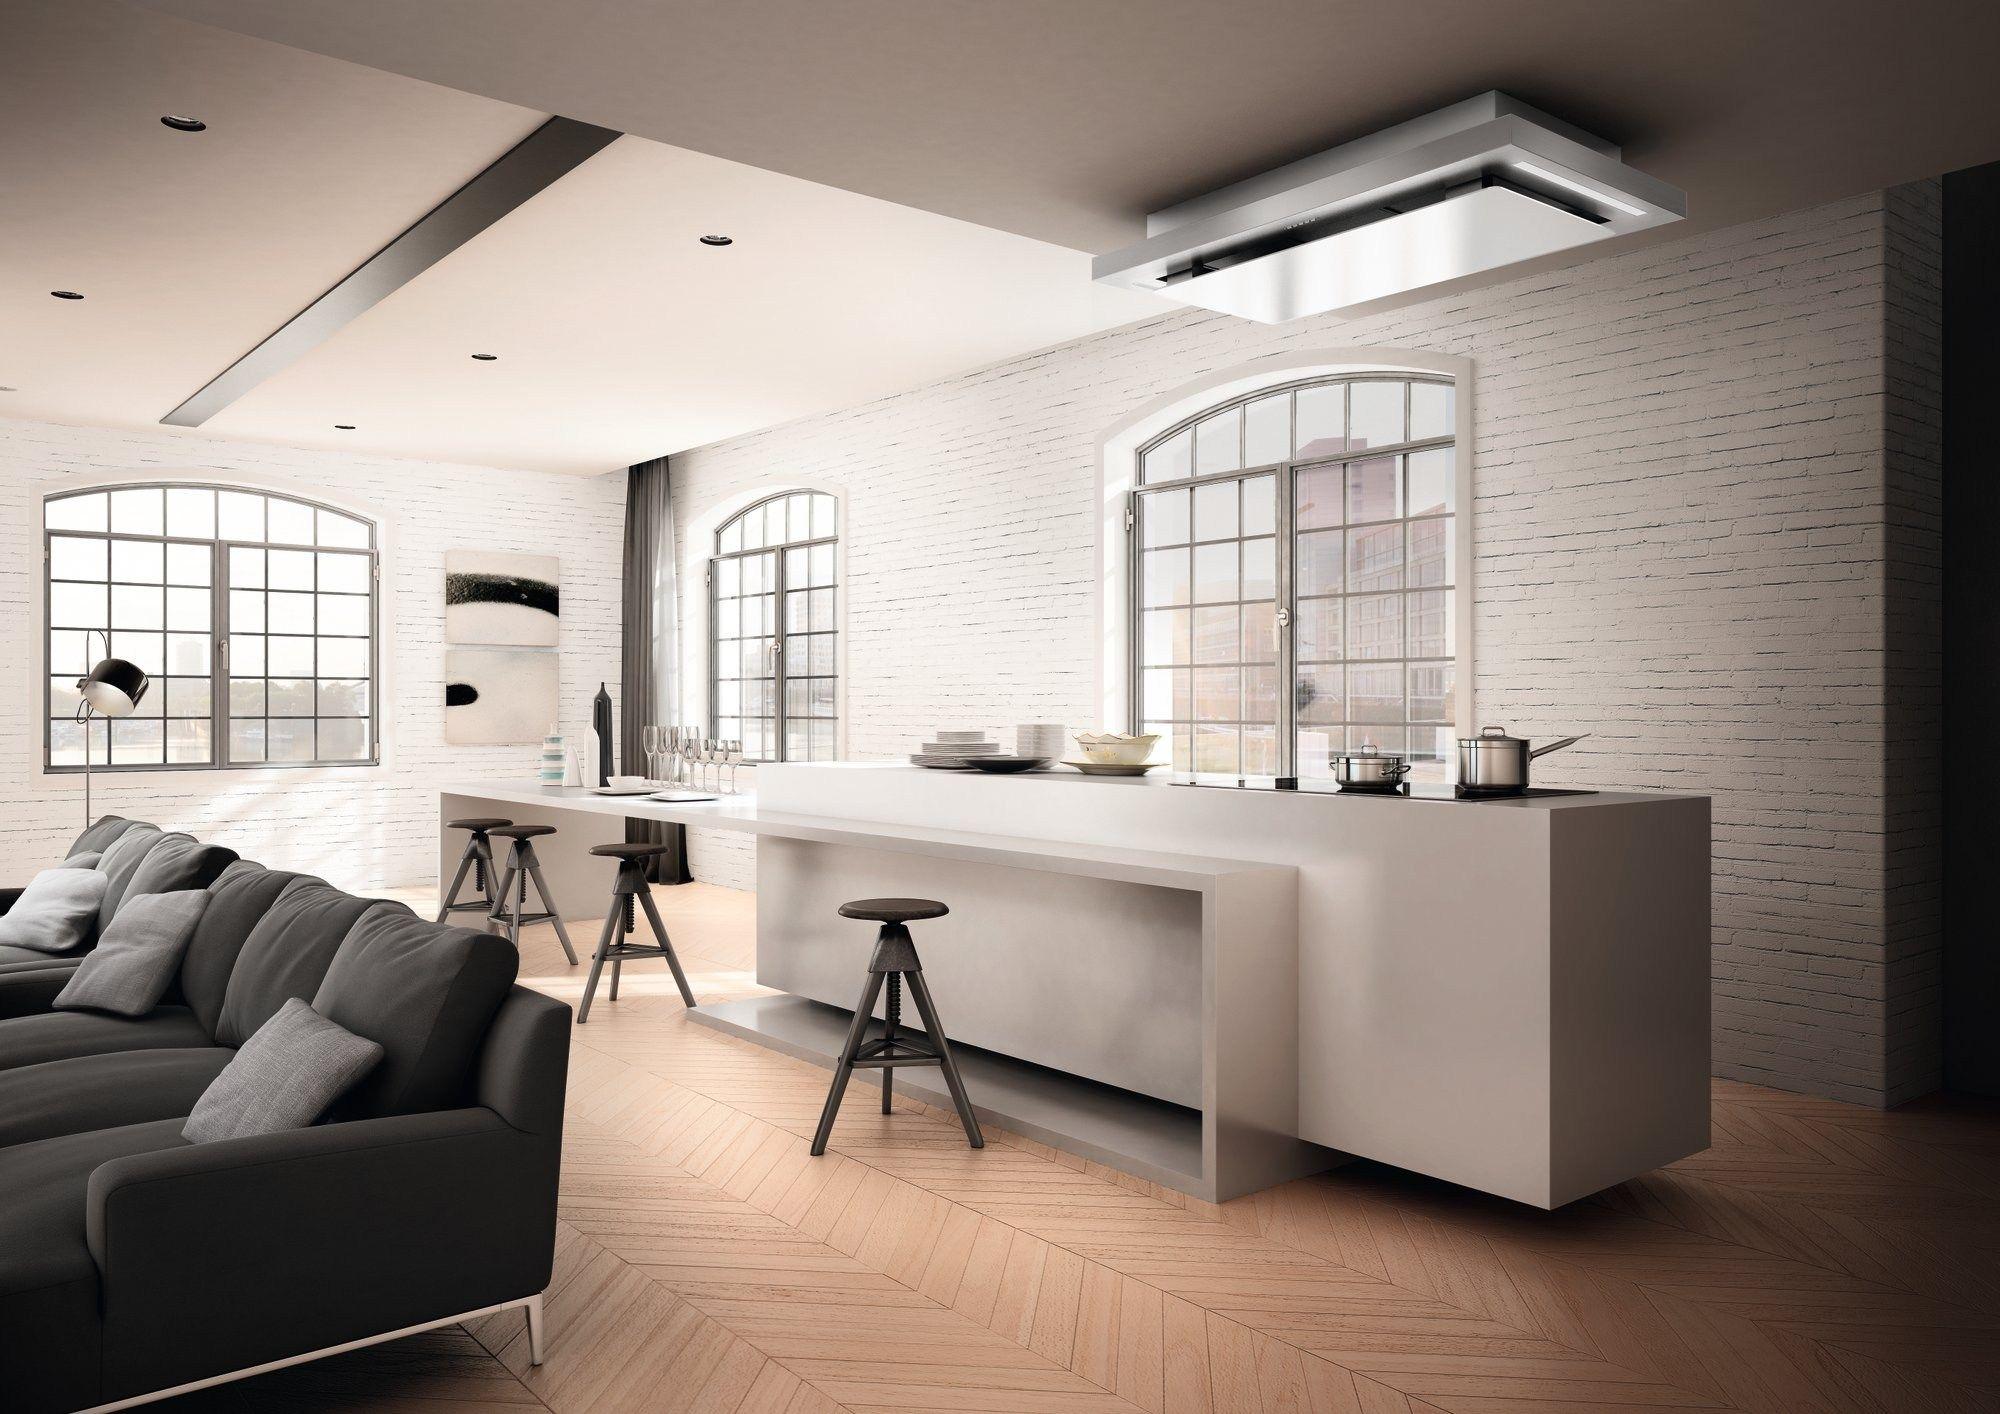 Cappa a soffitto in acciaio inox e vetro ad incasso skypad for Cappa design